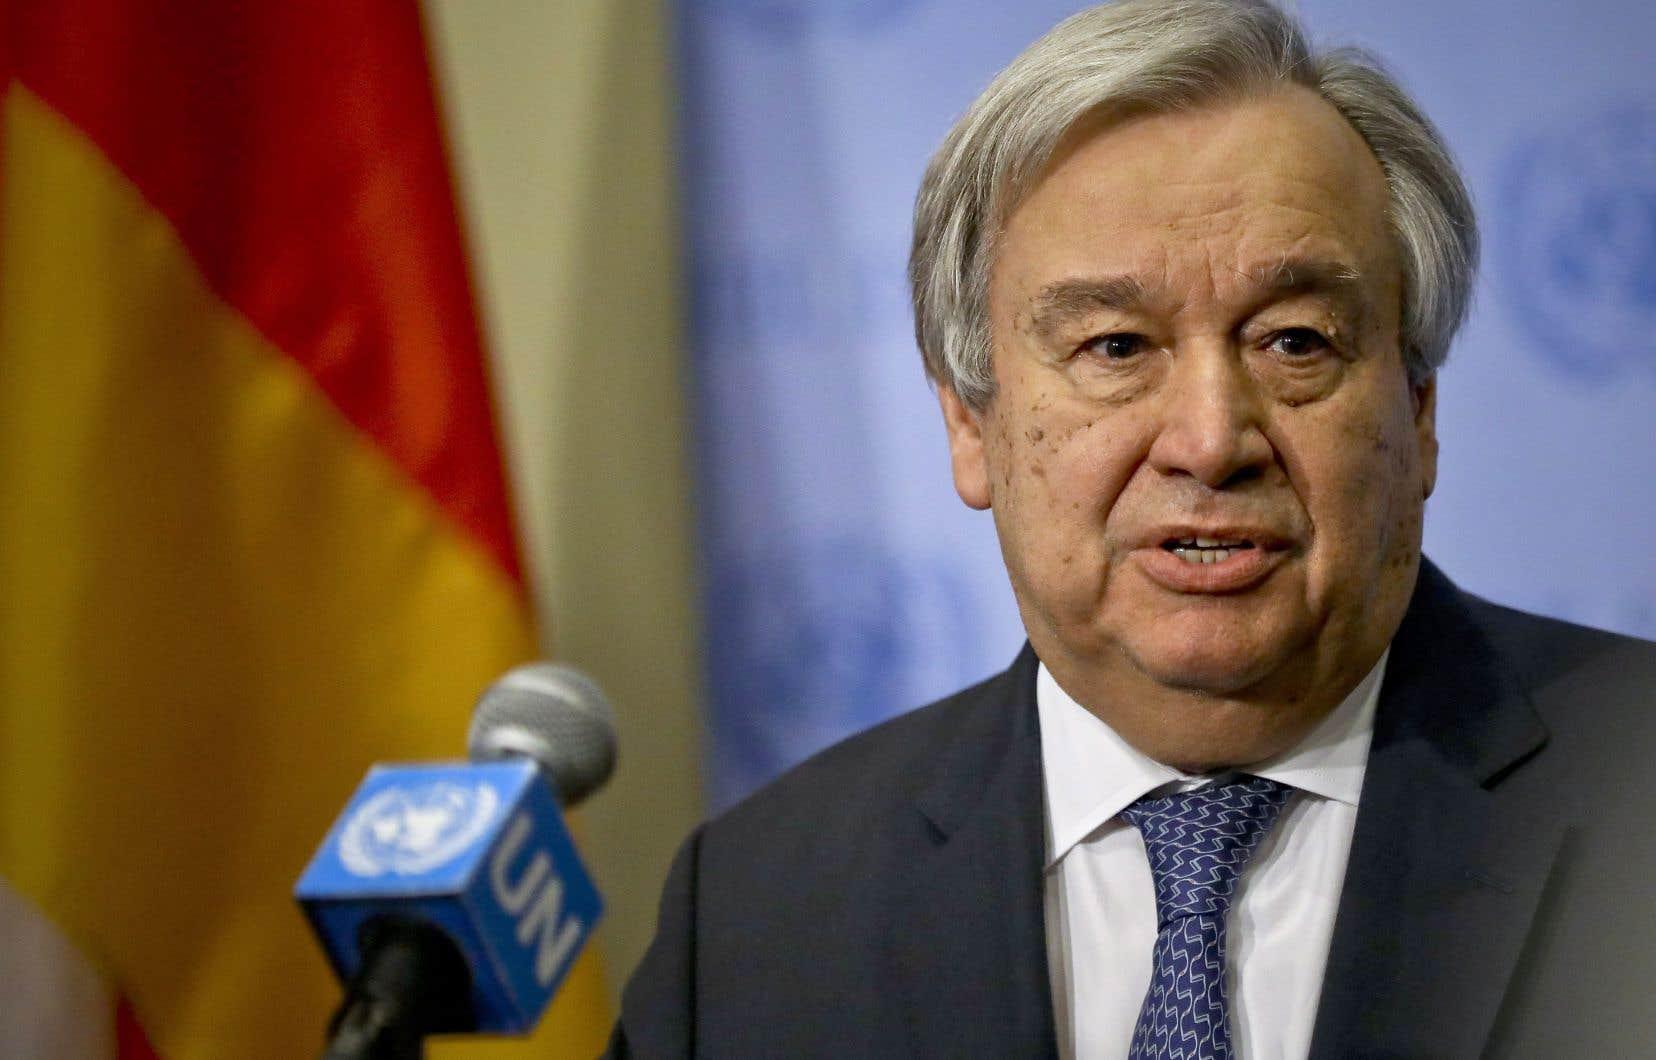 «Il est encore temps d'arrêter» les affrontements, «encore temps d'avoir un cessez-le-feu, d'éviter le pire», a déclaré à des médias le secrétaire général de l'ONU, Antonio Guterres.